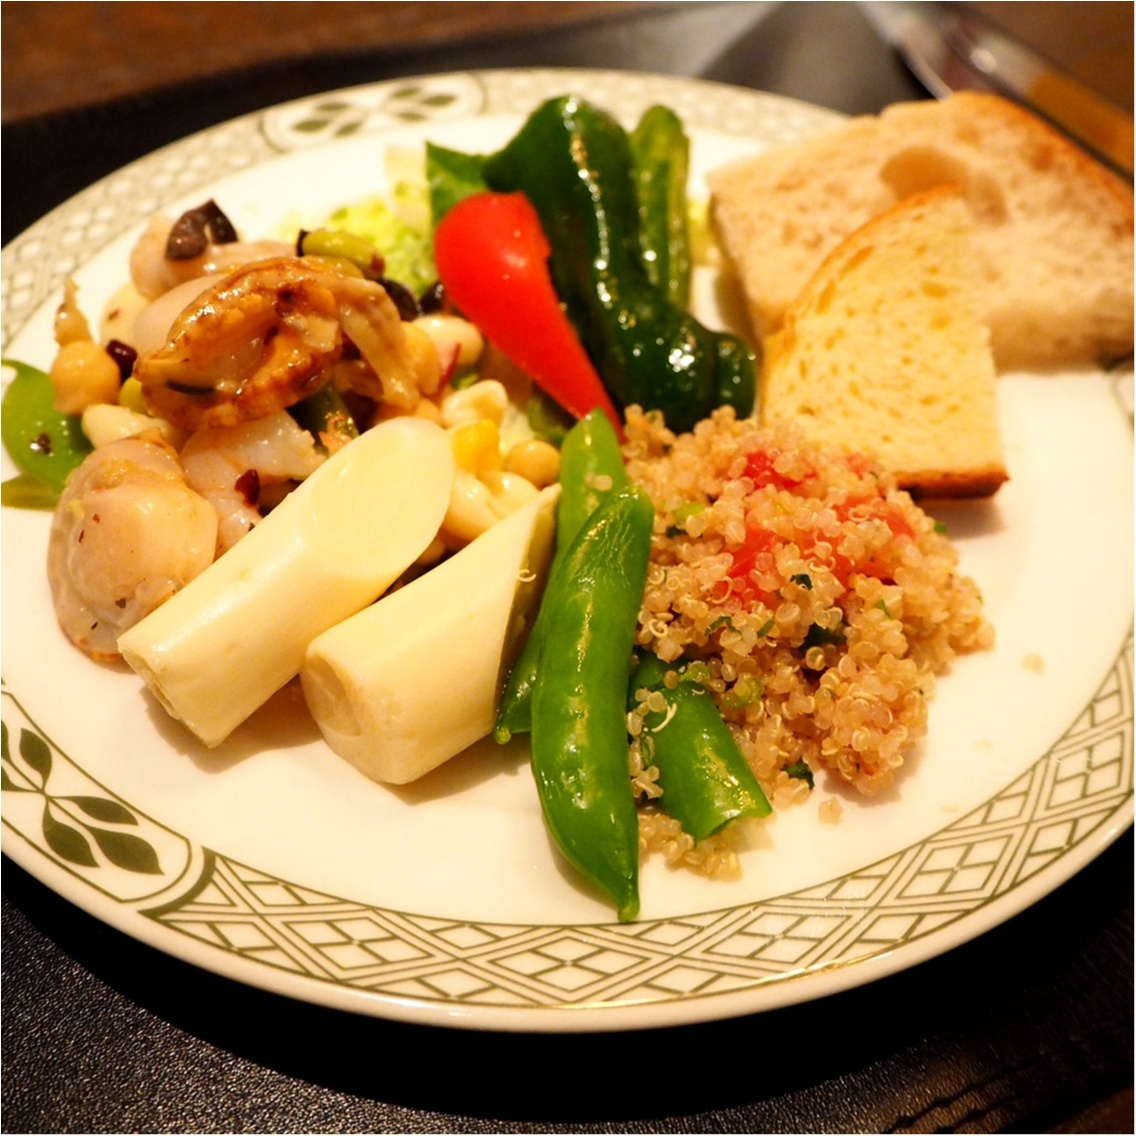 お肉大好き♡野菜大好き♡恵比寿ガーデンプレイスで素敵なランチ時間を過ごしました♪_4